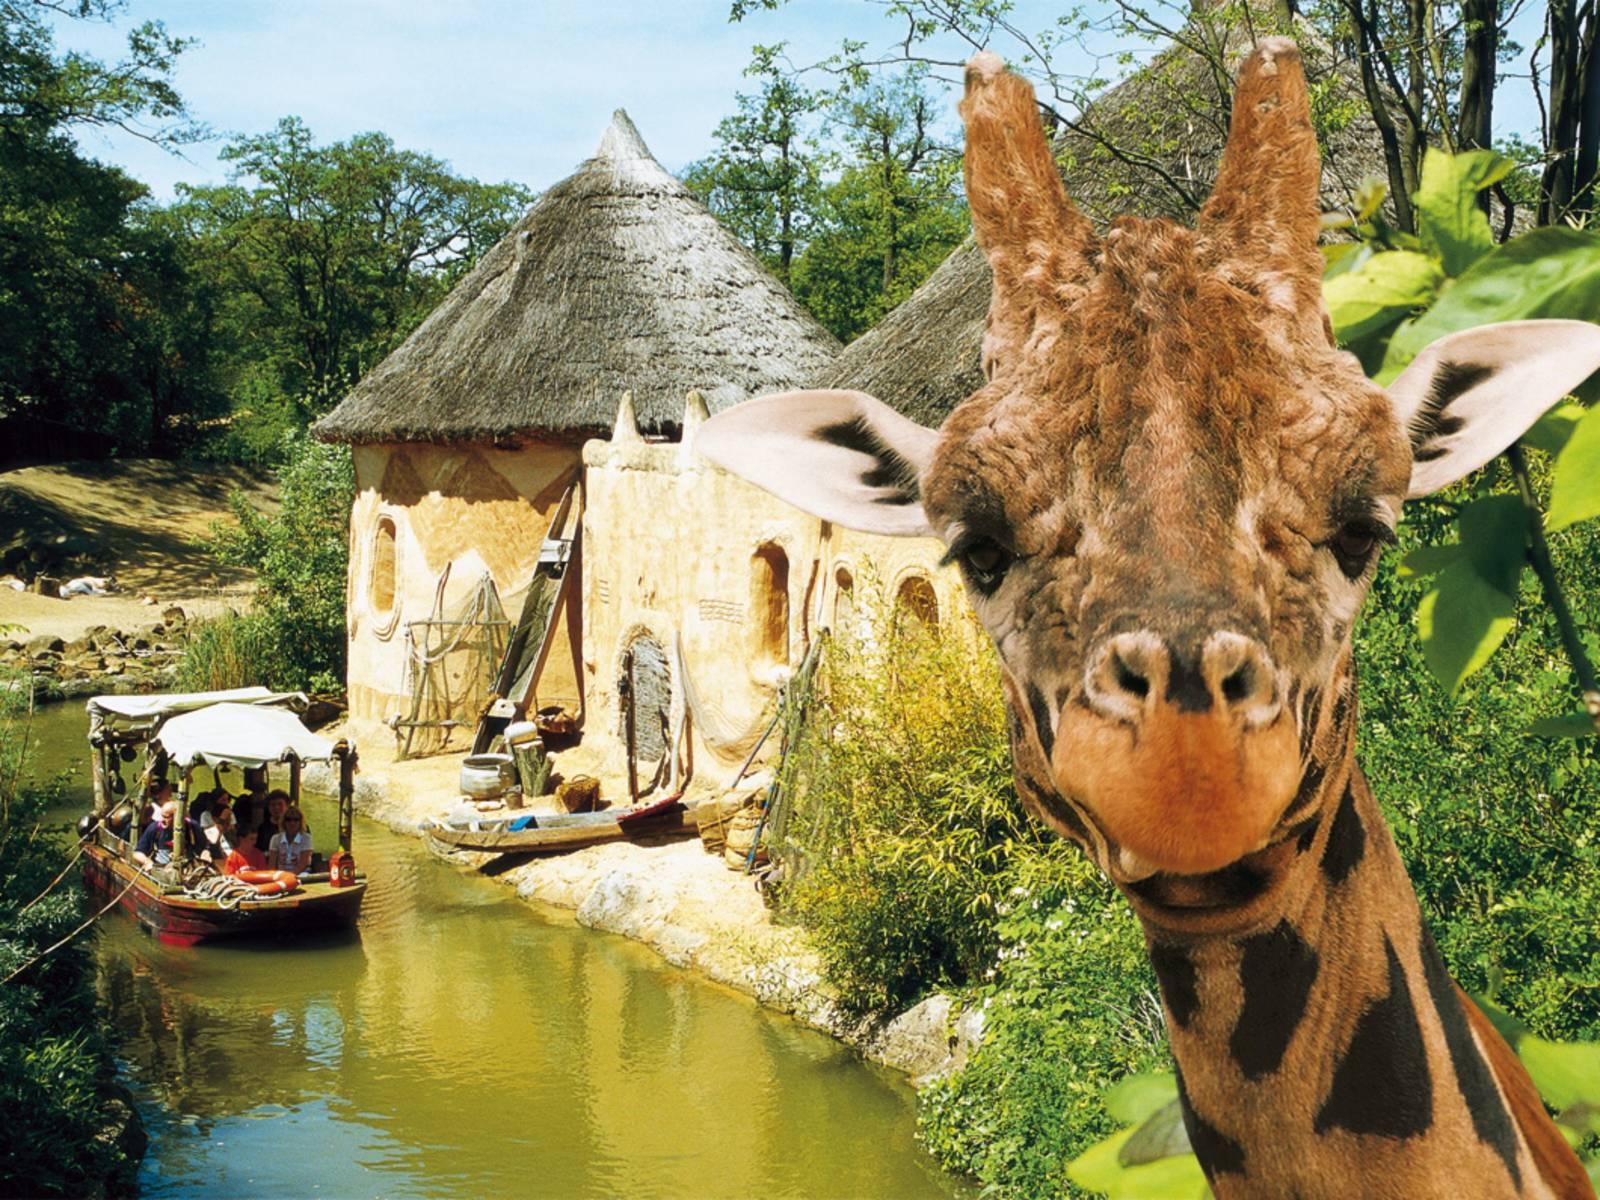 Szene im Zoo: Menschen auf Bootsfahrt und eine Giraffe.